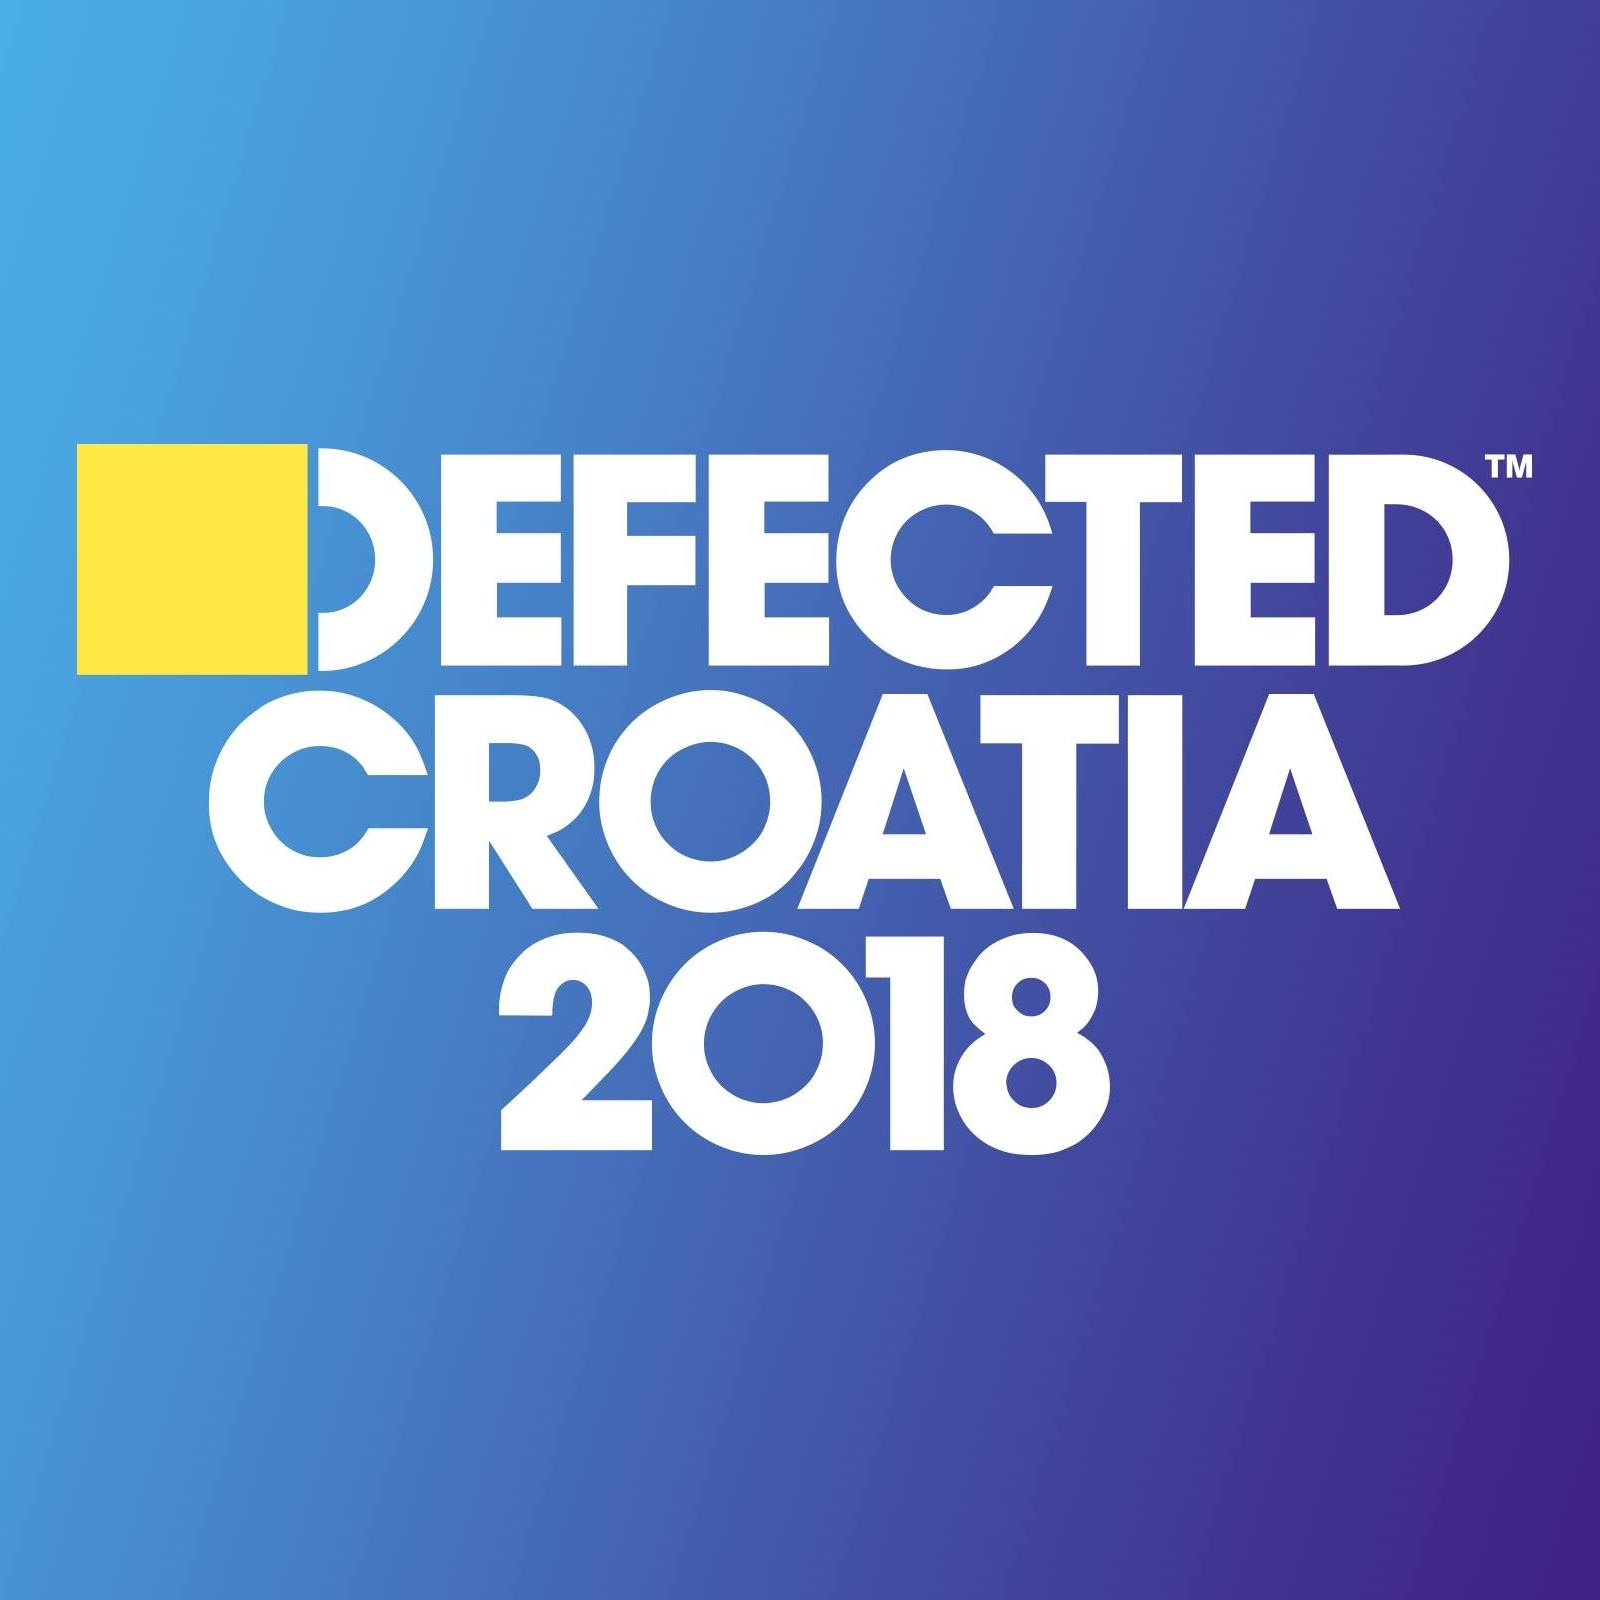 Defected Croatia 2018 Aftermovie